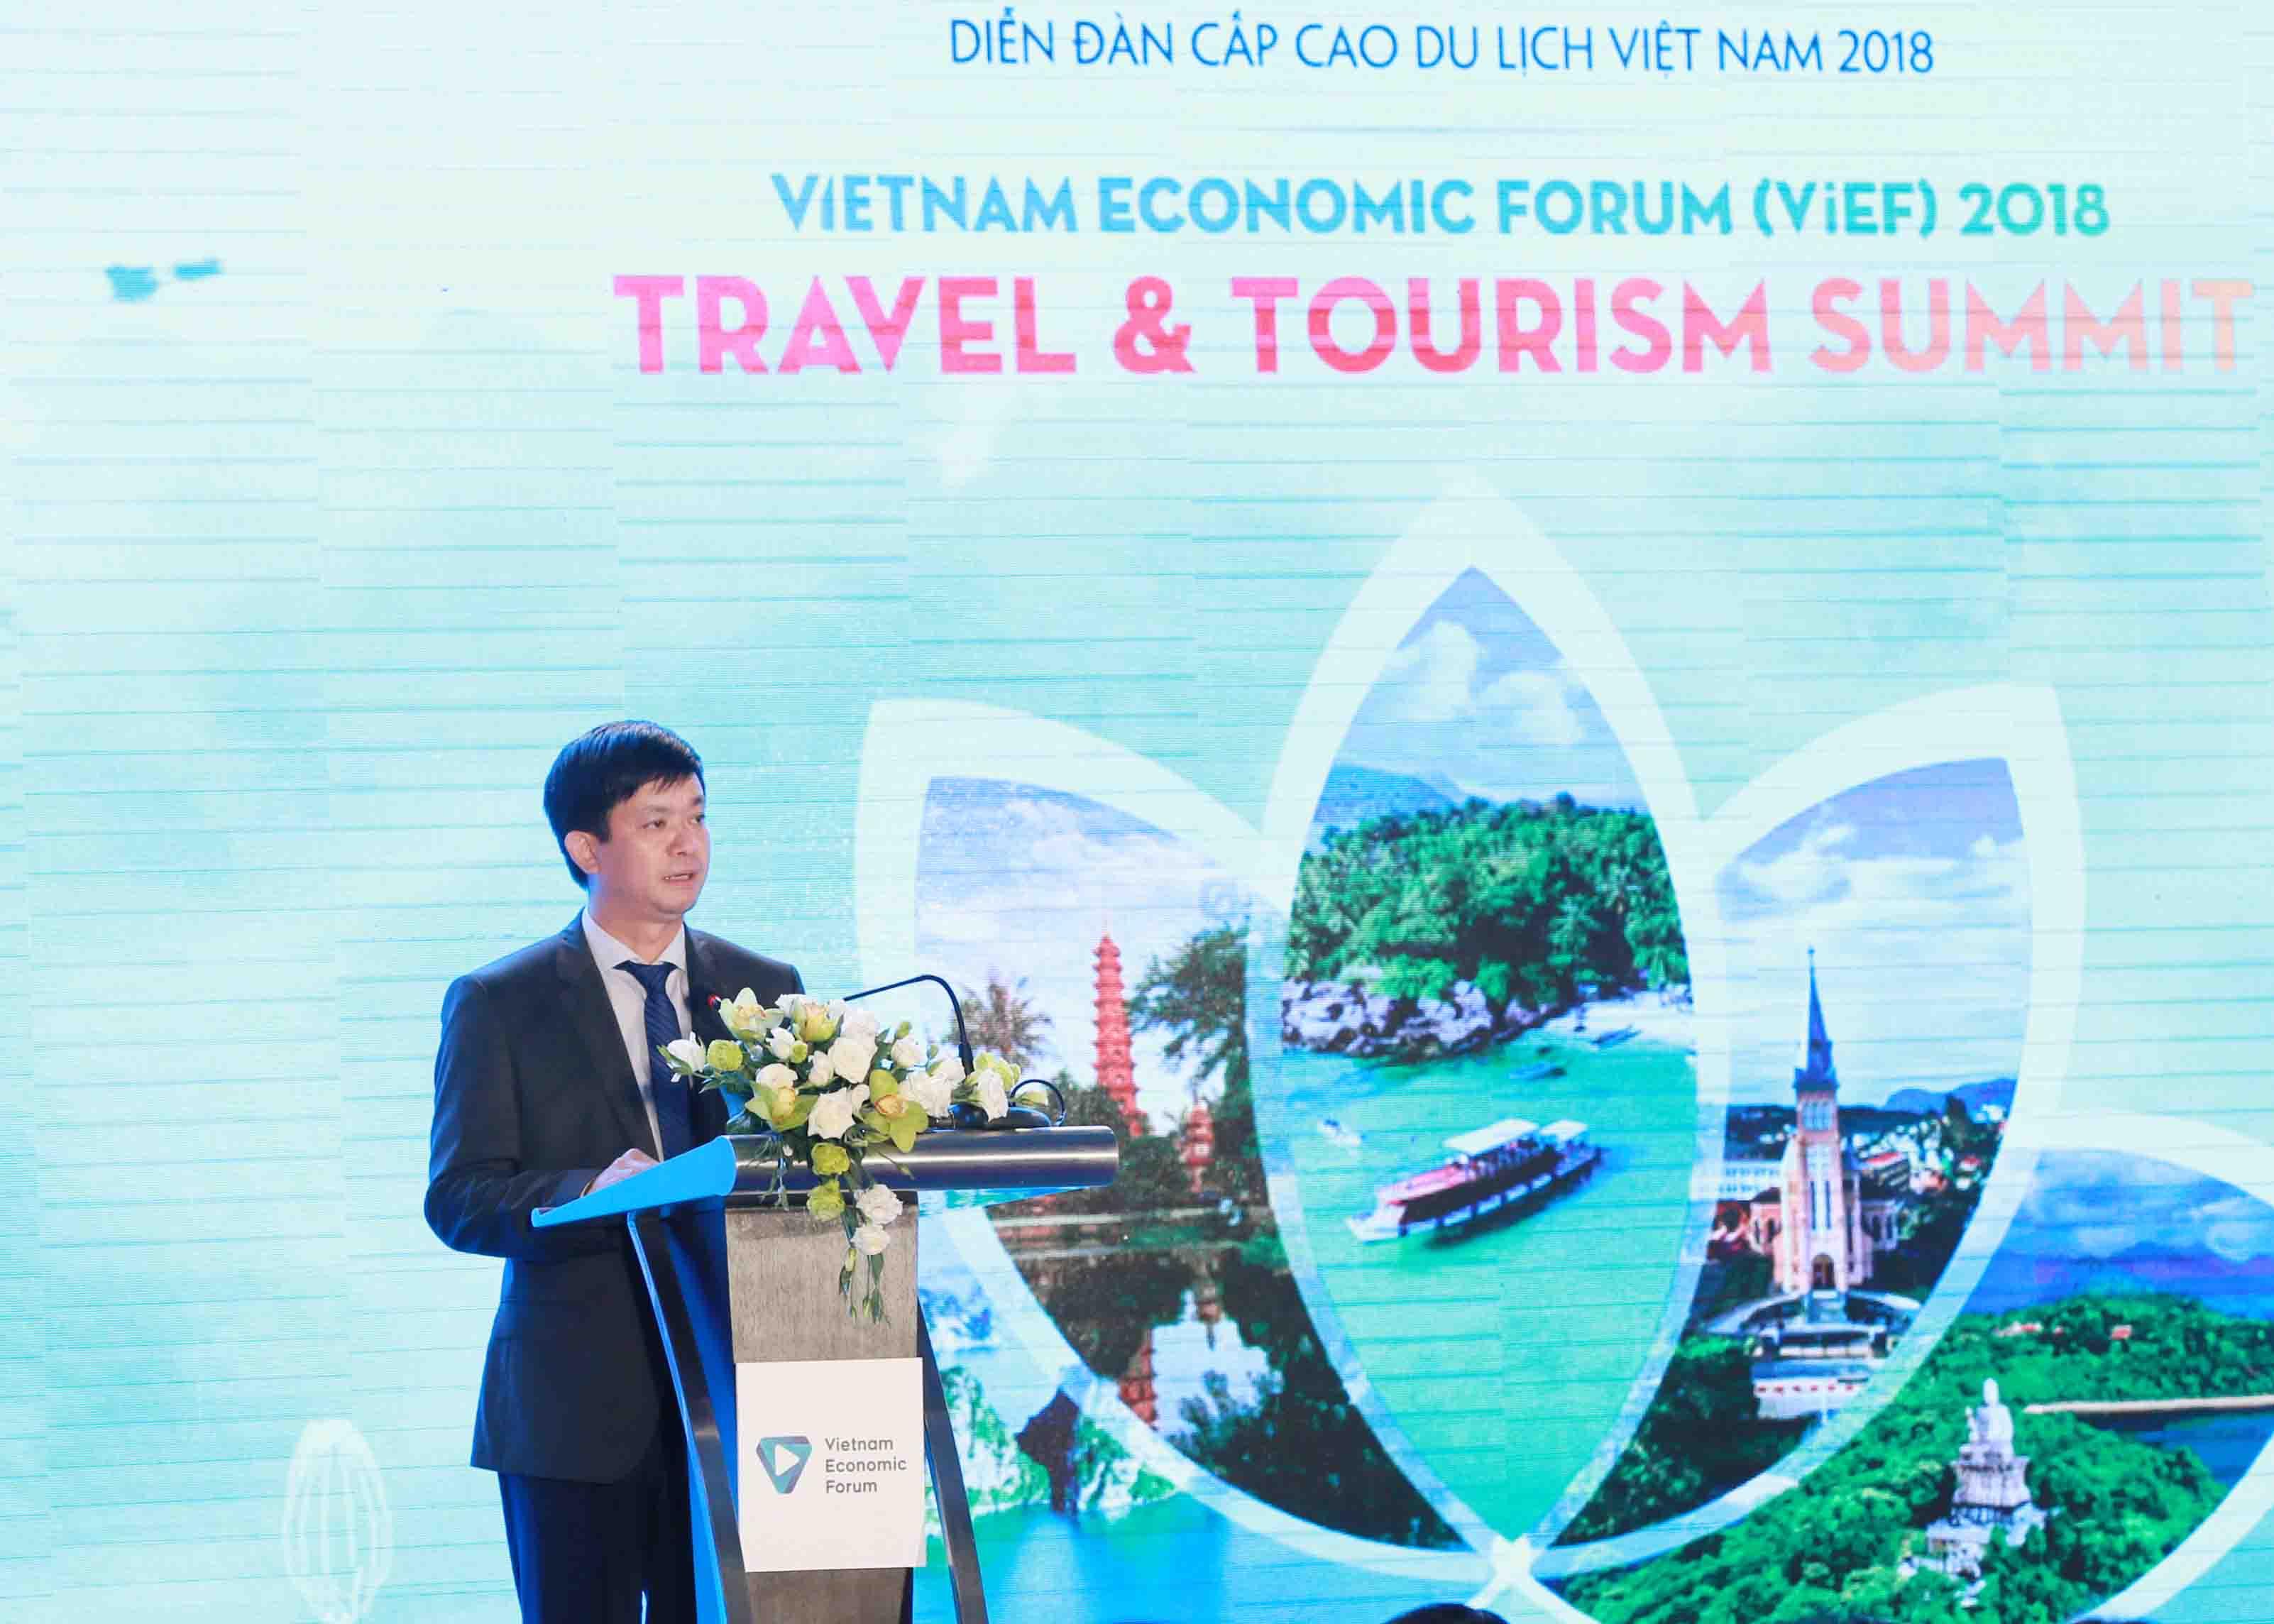 Phát triển ngành du lịch đang gặp phải nhiều thách thức